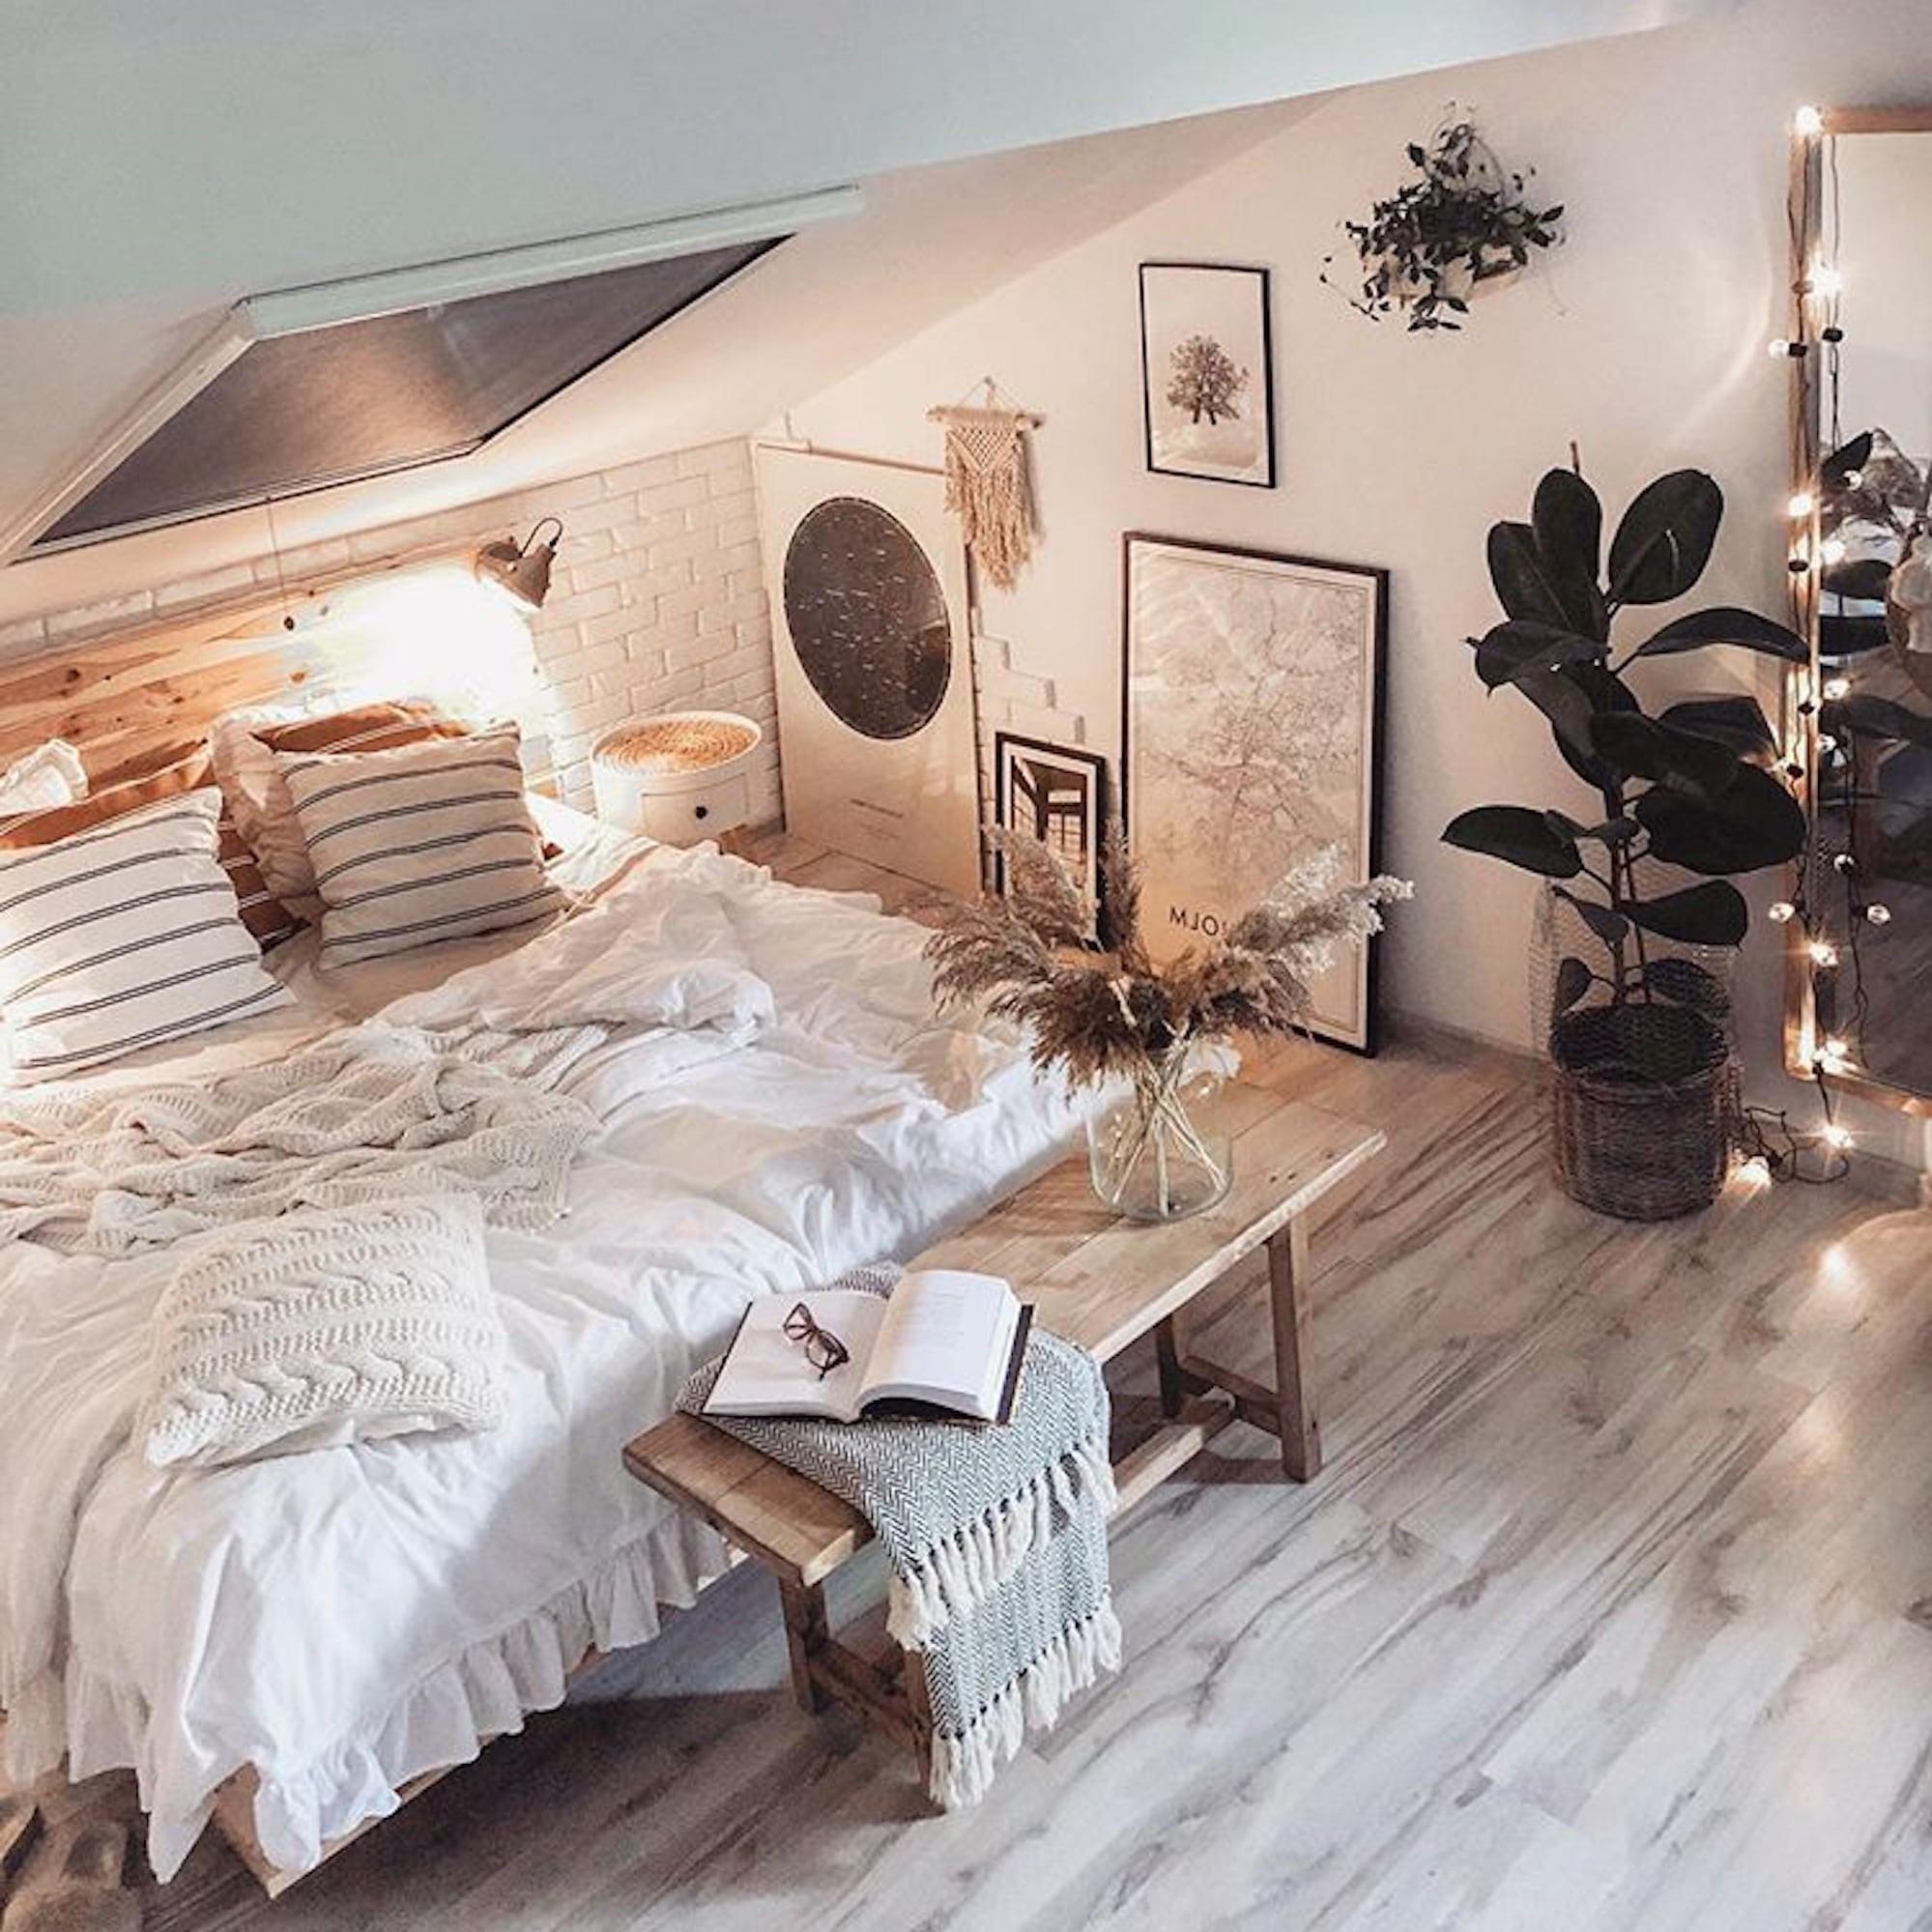 Cette chambre sous combles ressemble à la destination ultime pour faire la sieste.